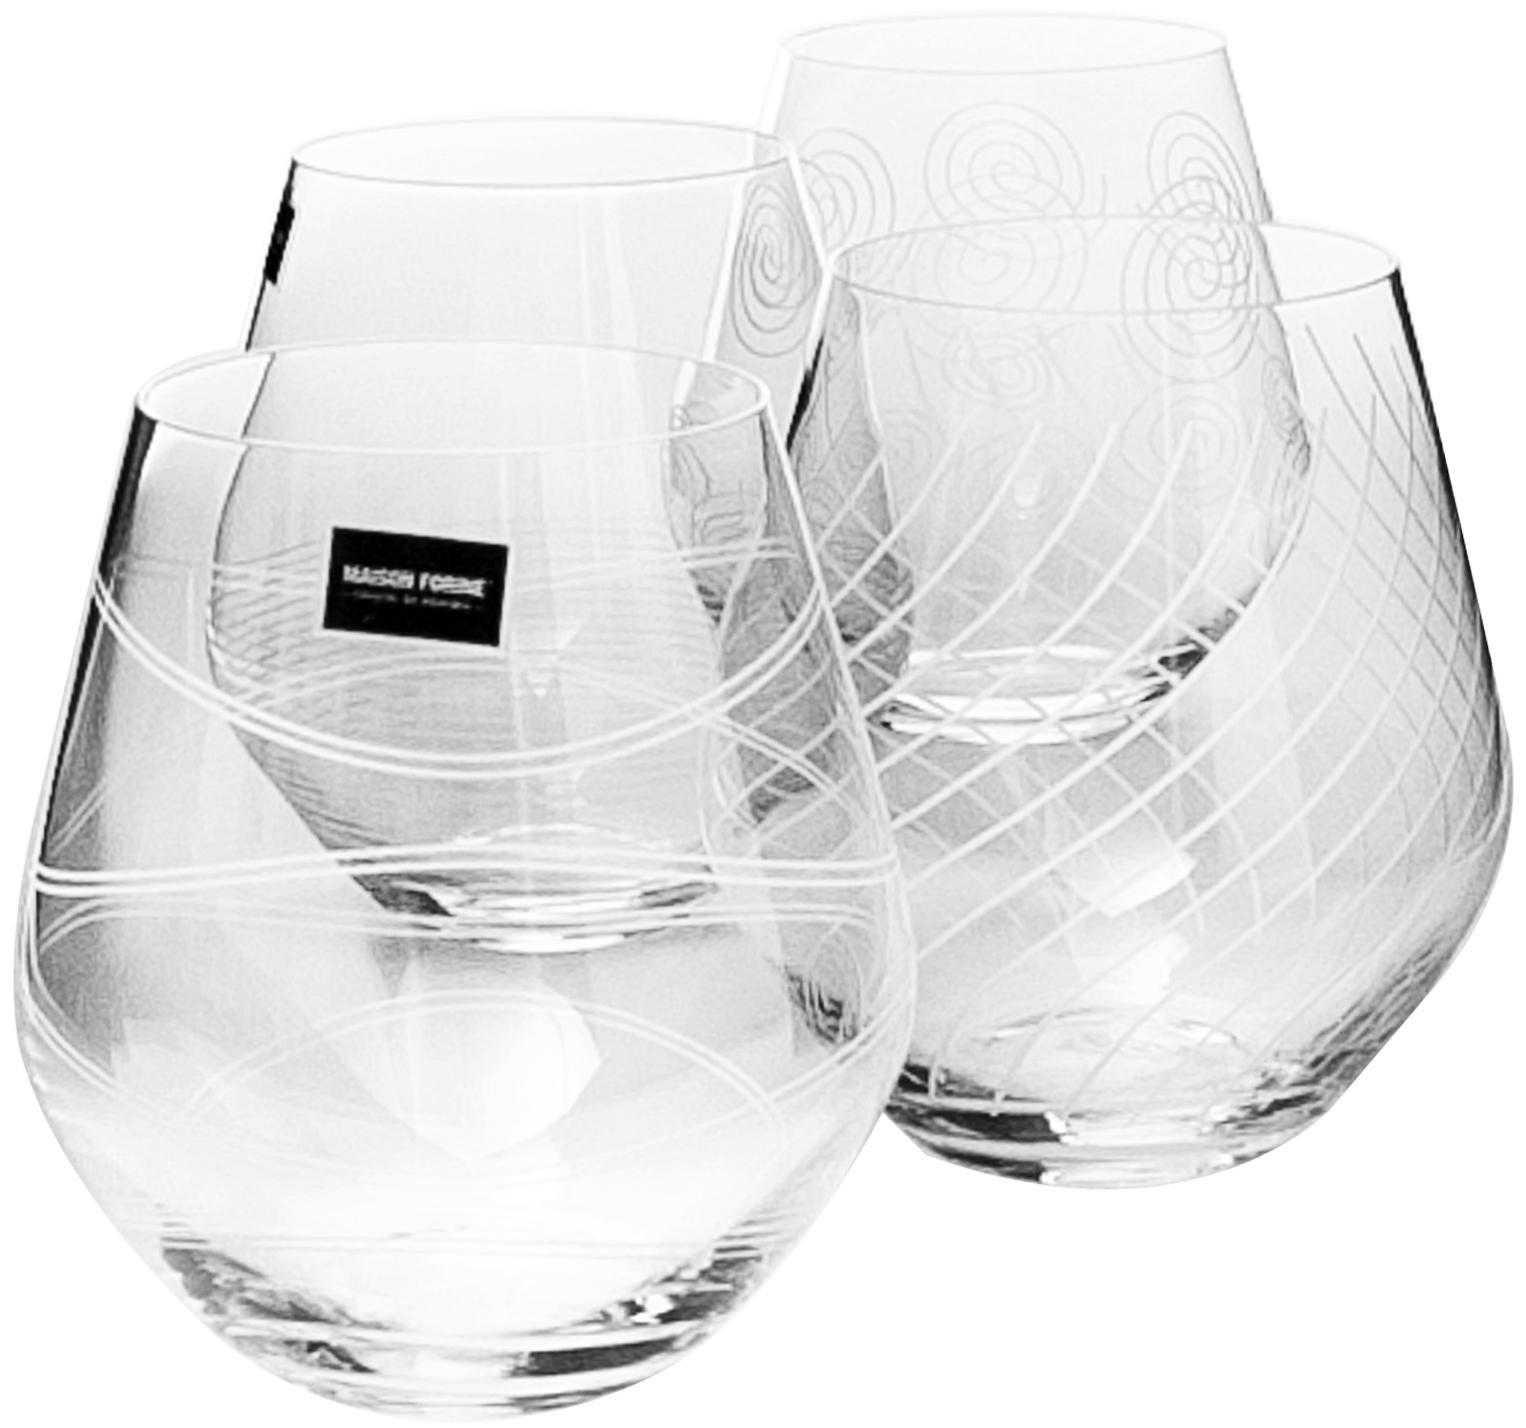 Набор стаканов Banquet Crystal Leona Decor, 500 мл, 4 штKE02B2G006500D-4GBНабор стаканов Banquet Crystal порадуют не только вас, но и ваших гостей. Они обладают привлекательным внешним видом, а материалом их изготовления является высококачественное хрустальное стекло. Они идеально подойдут для сервировки праздничного стола. Кроме того, красоту бокалов подчеркивают элегантные изгибы и оригинальный узор. Объем одного бокала составляет 500 мл. Количество в упаковке 4 шт.